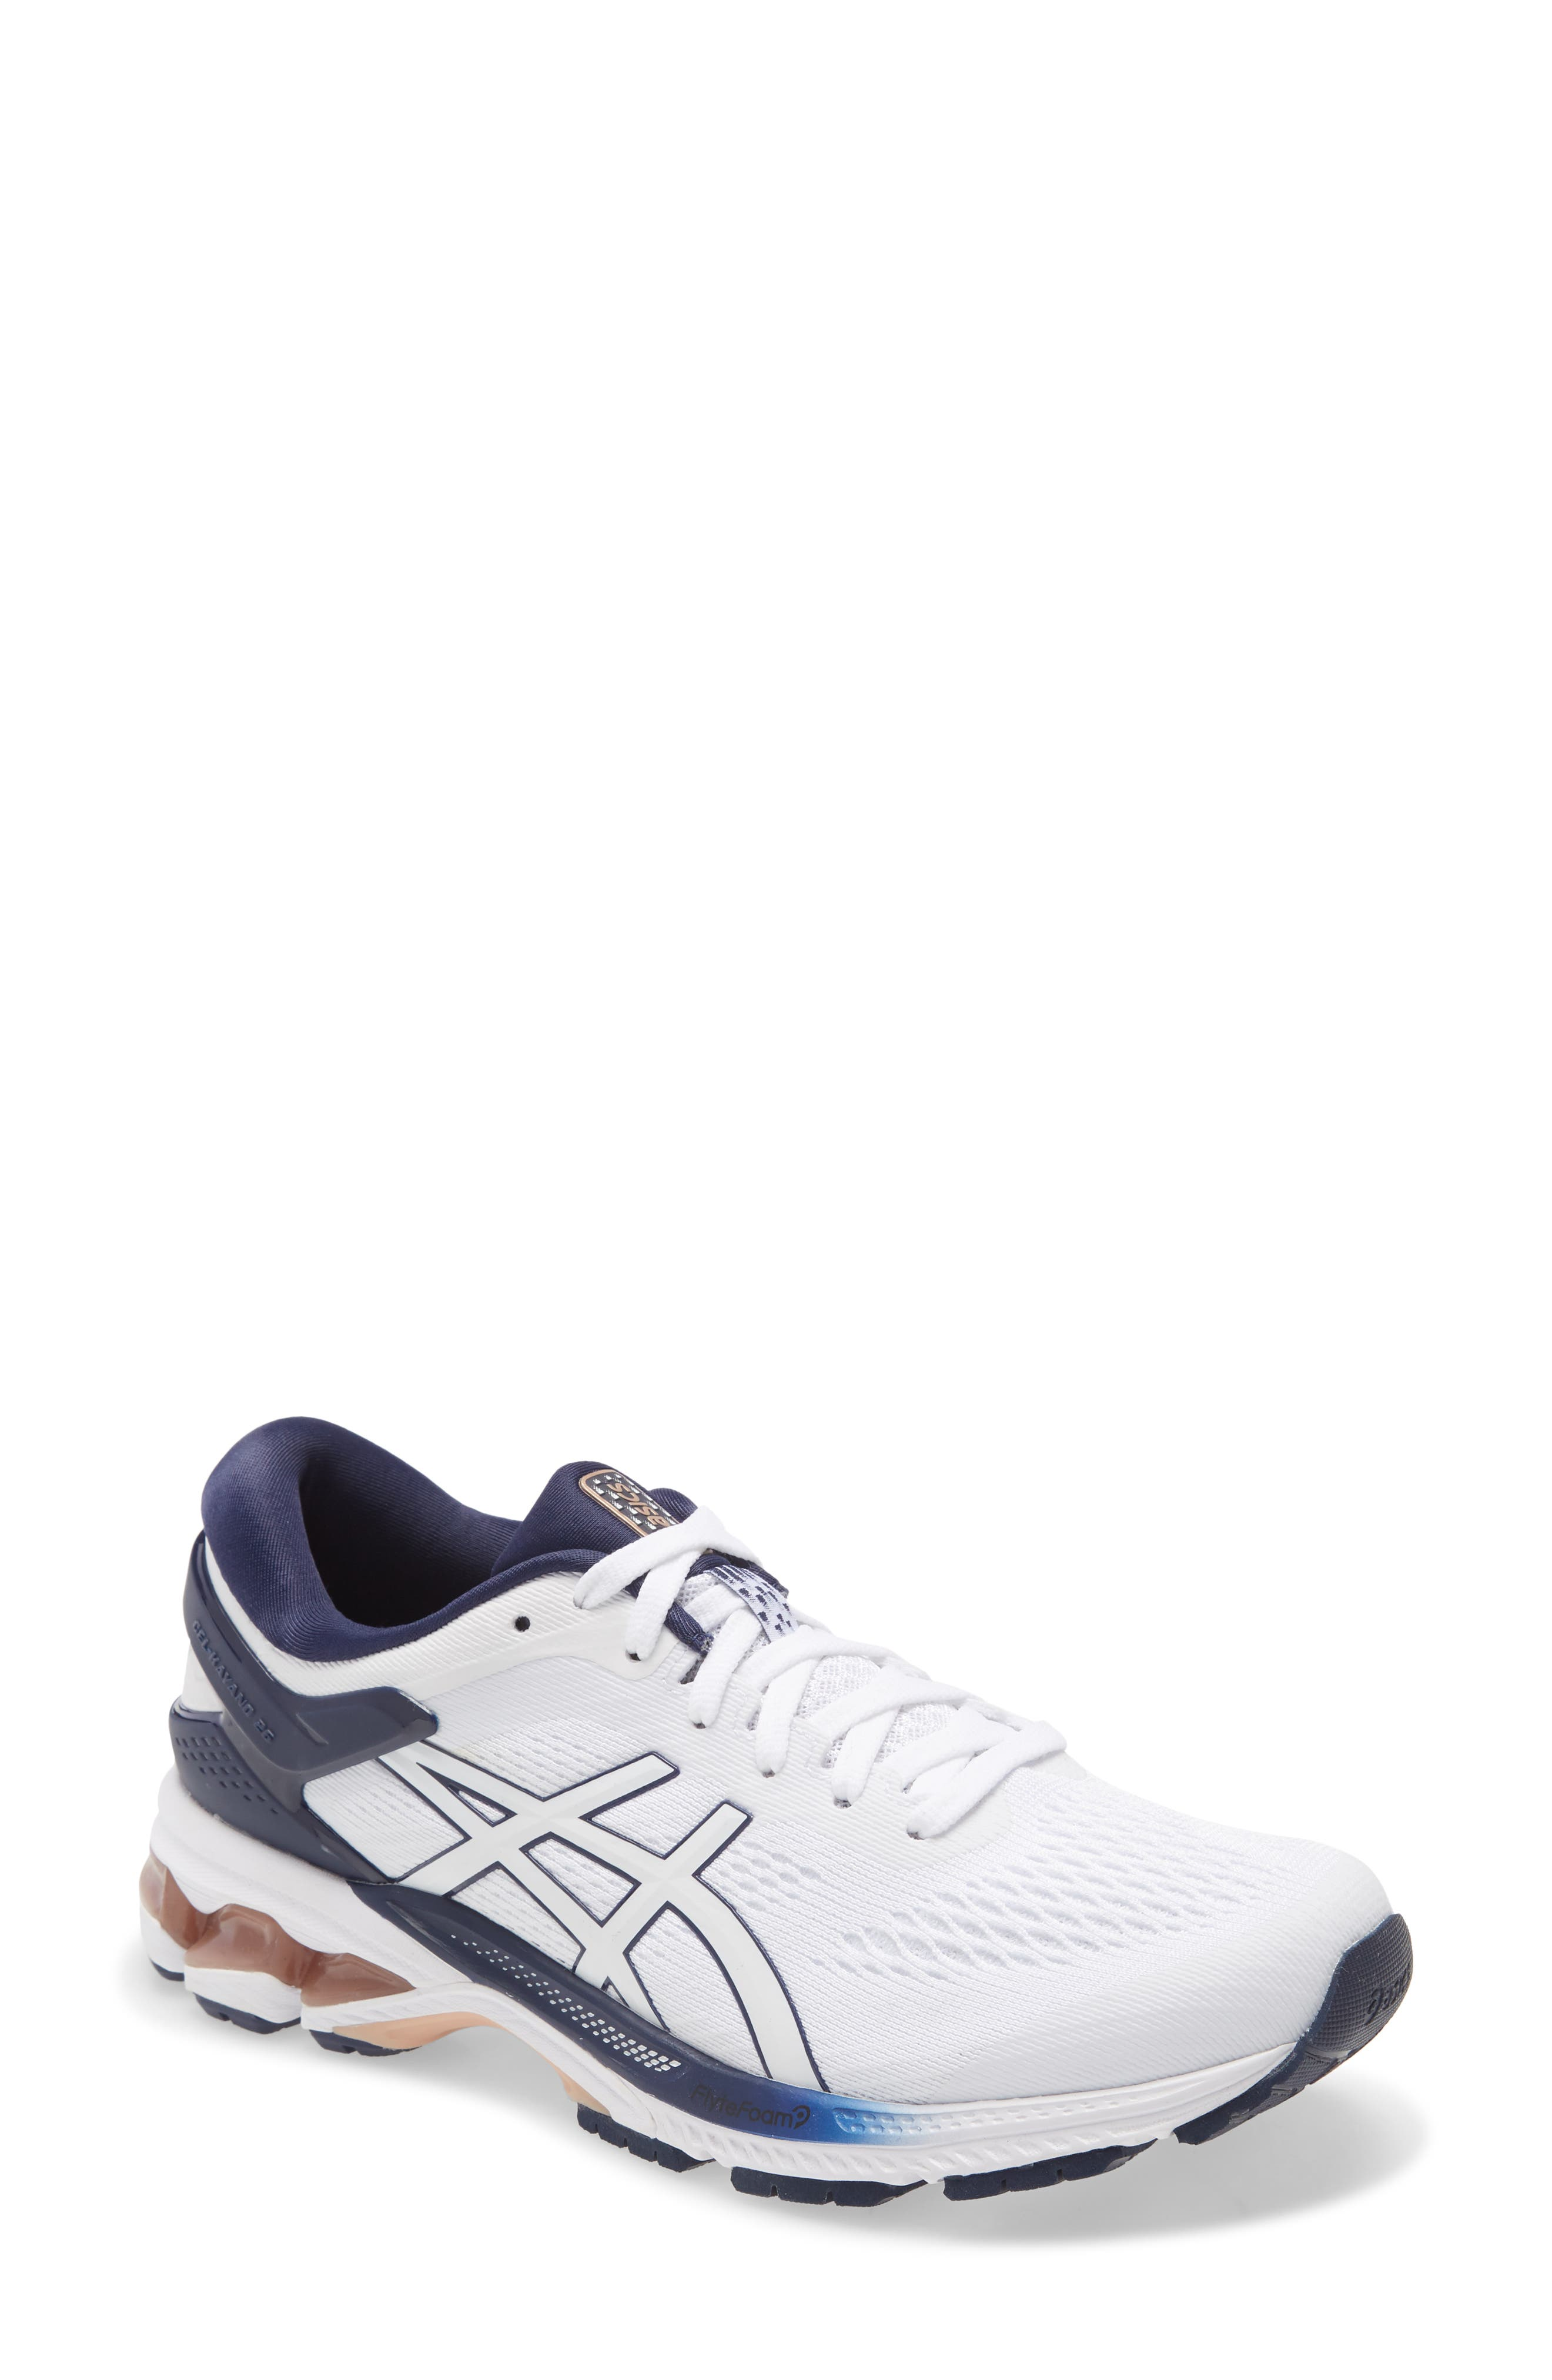 Image of ASICS GEL-Kayano® 26 Running Shoe